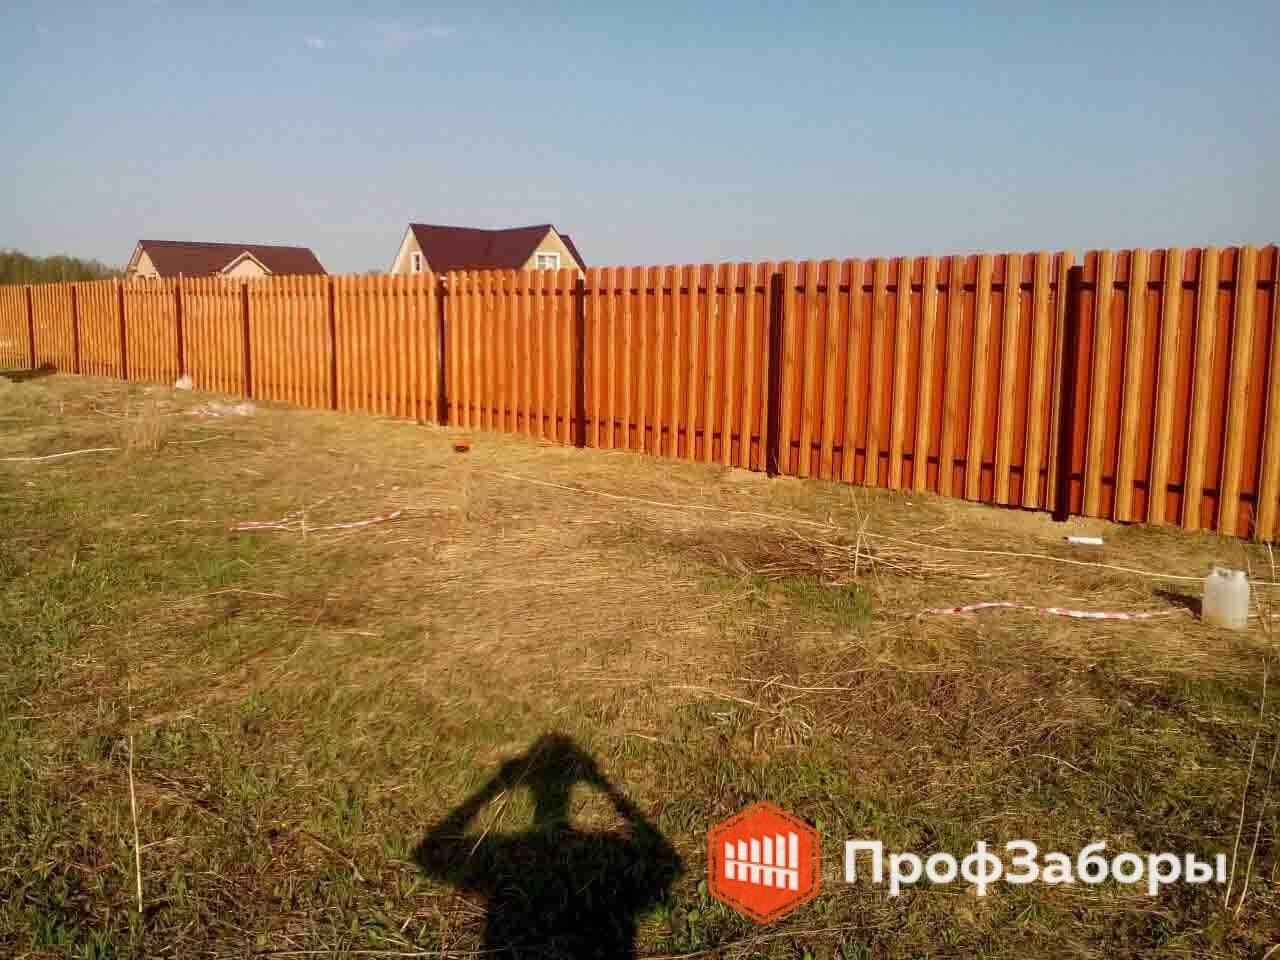 Заборы Из евроштакетника - Волоколамский район. Фото 3